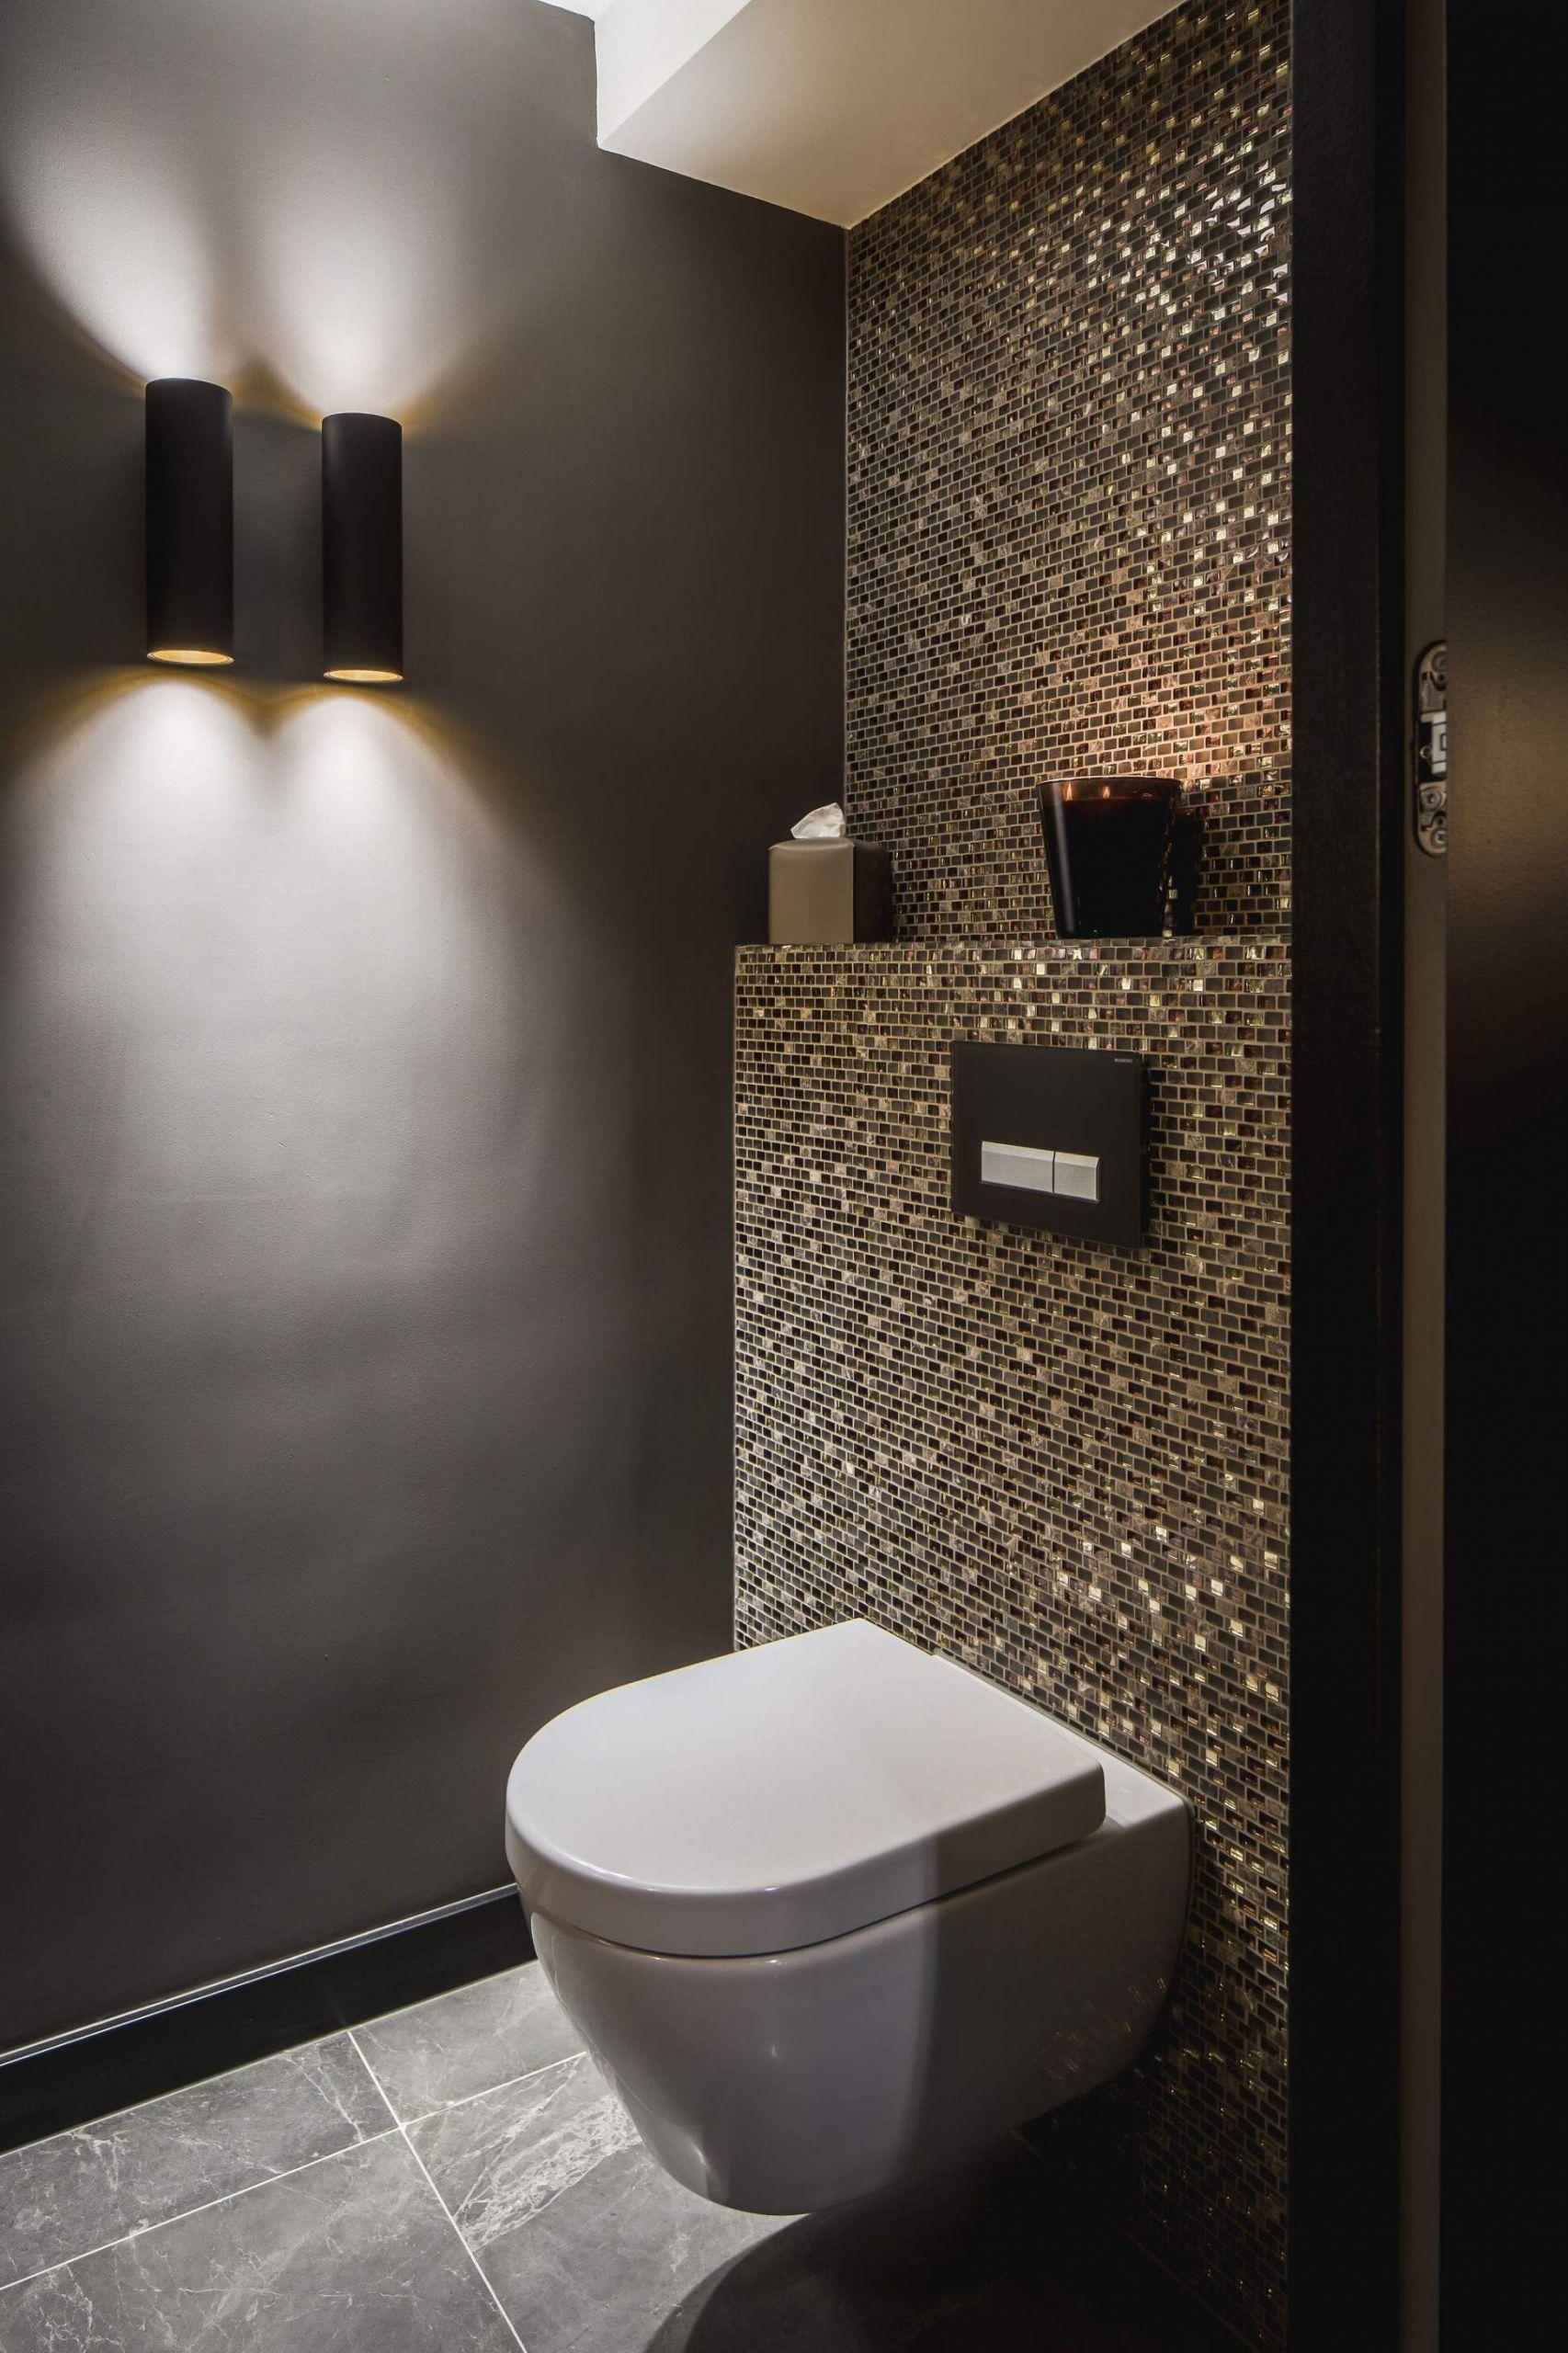 idee gaste wc mosaik glimmer dunkle wande schimmer glas gold toilette mit waschbecken toilette mit waschbecken